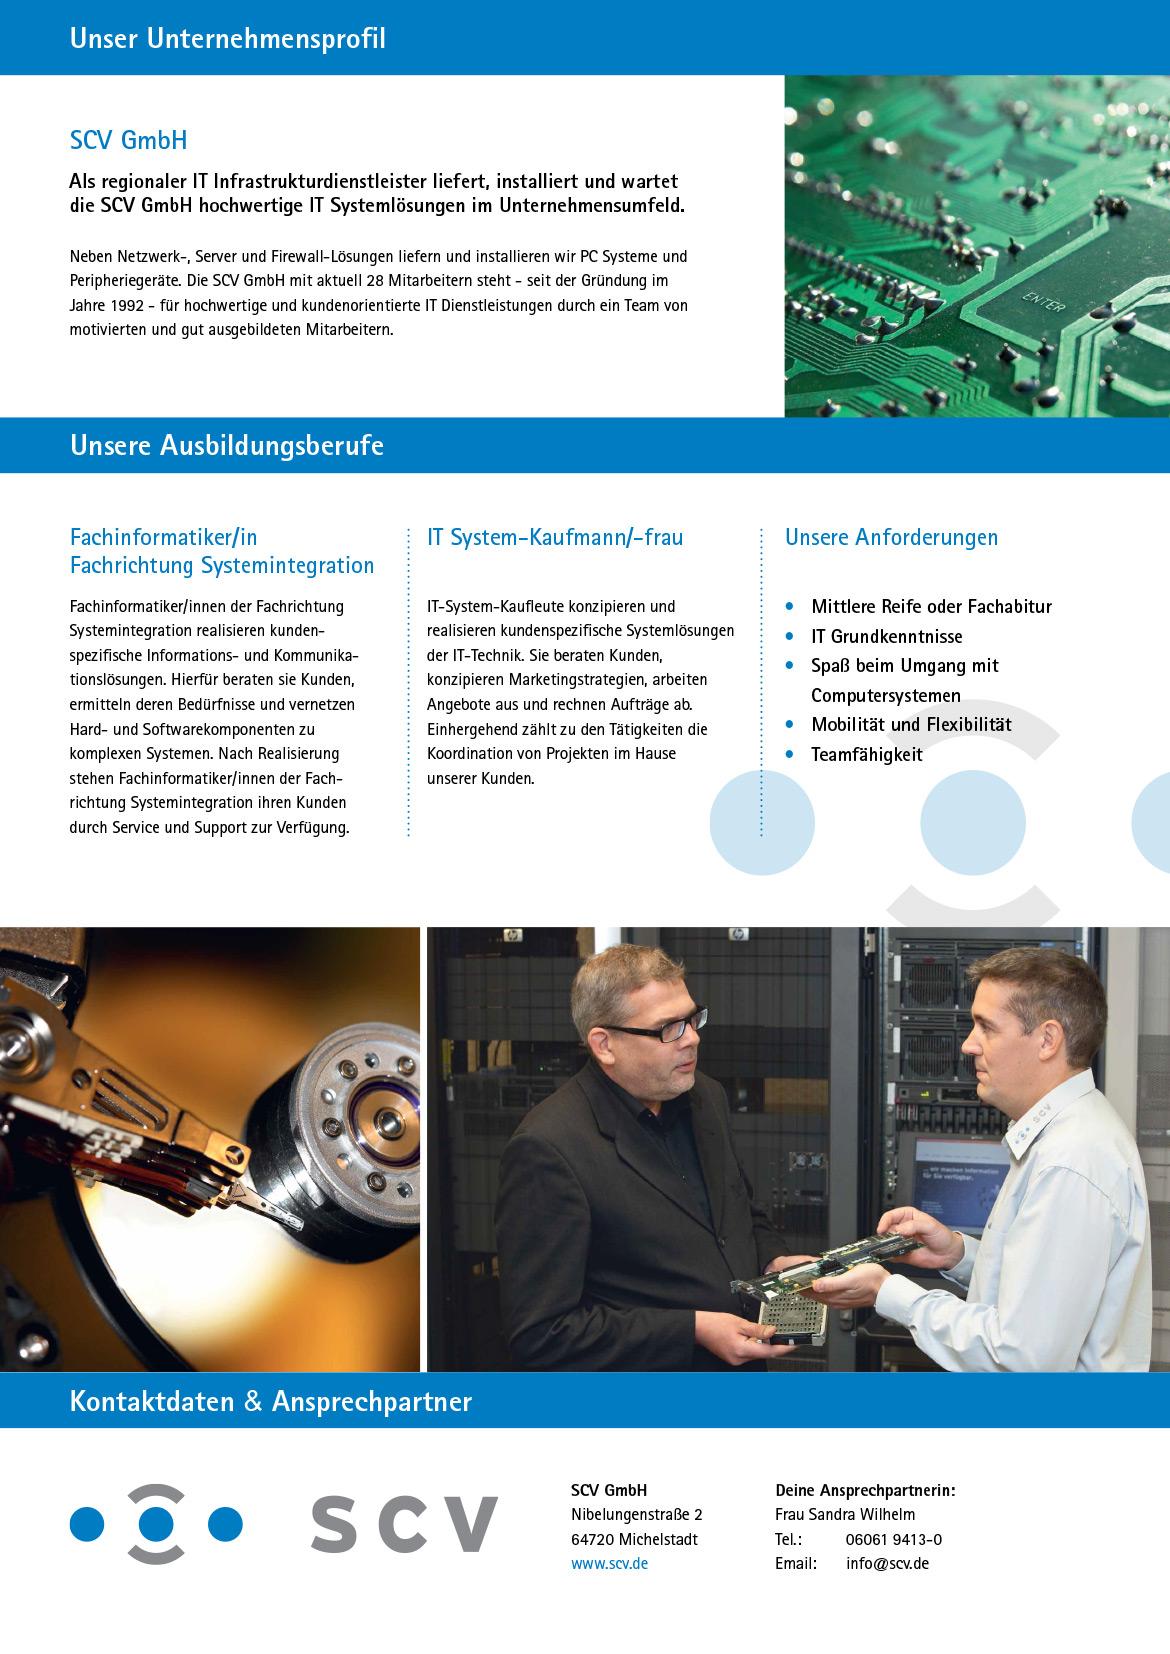 Ausbildungsplakat: SCV GmbH